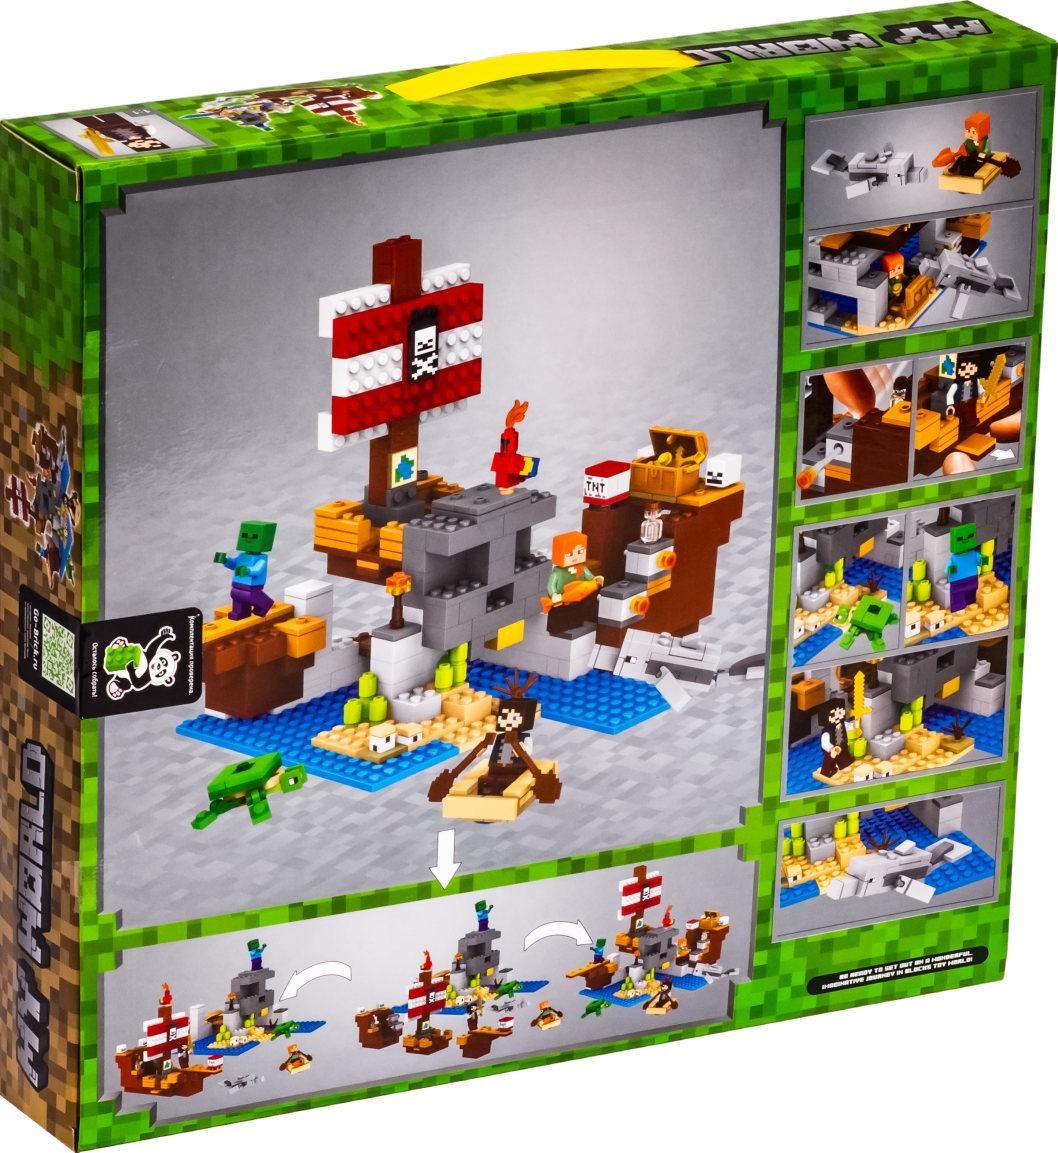 Конструктор Bela 11170 Приключения на пиратском корабле, аналог Lego 21152